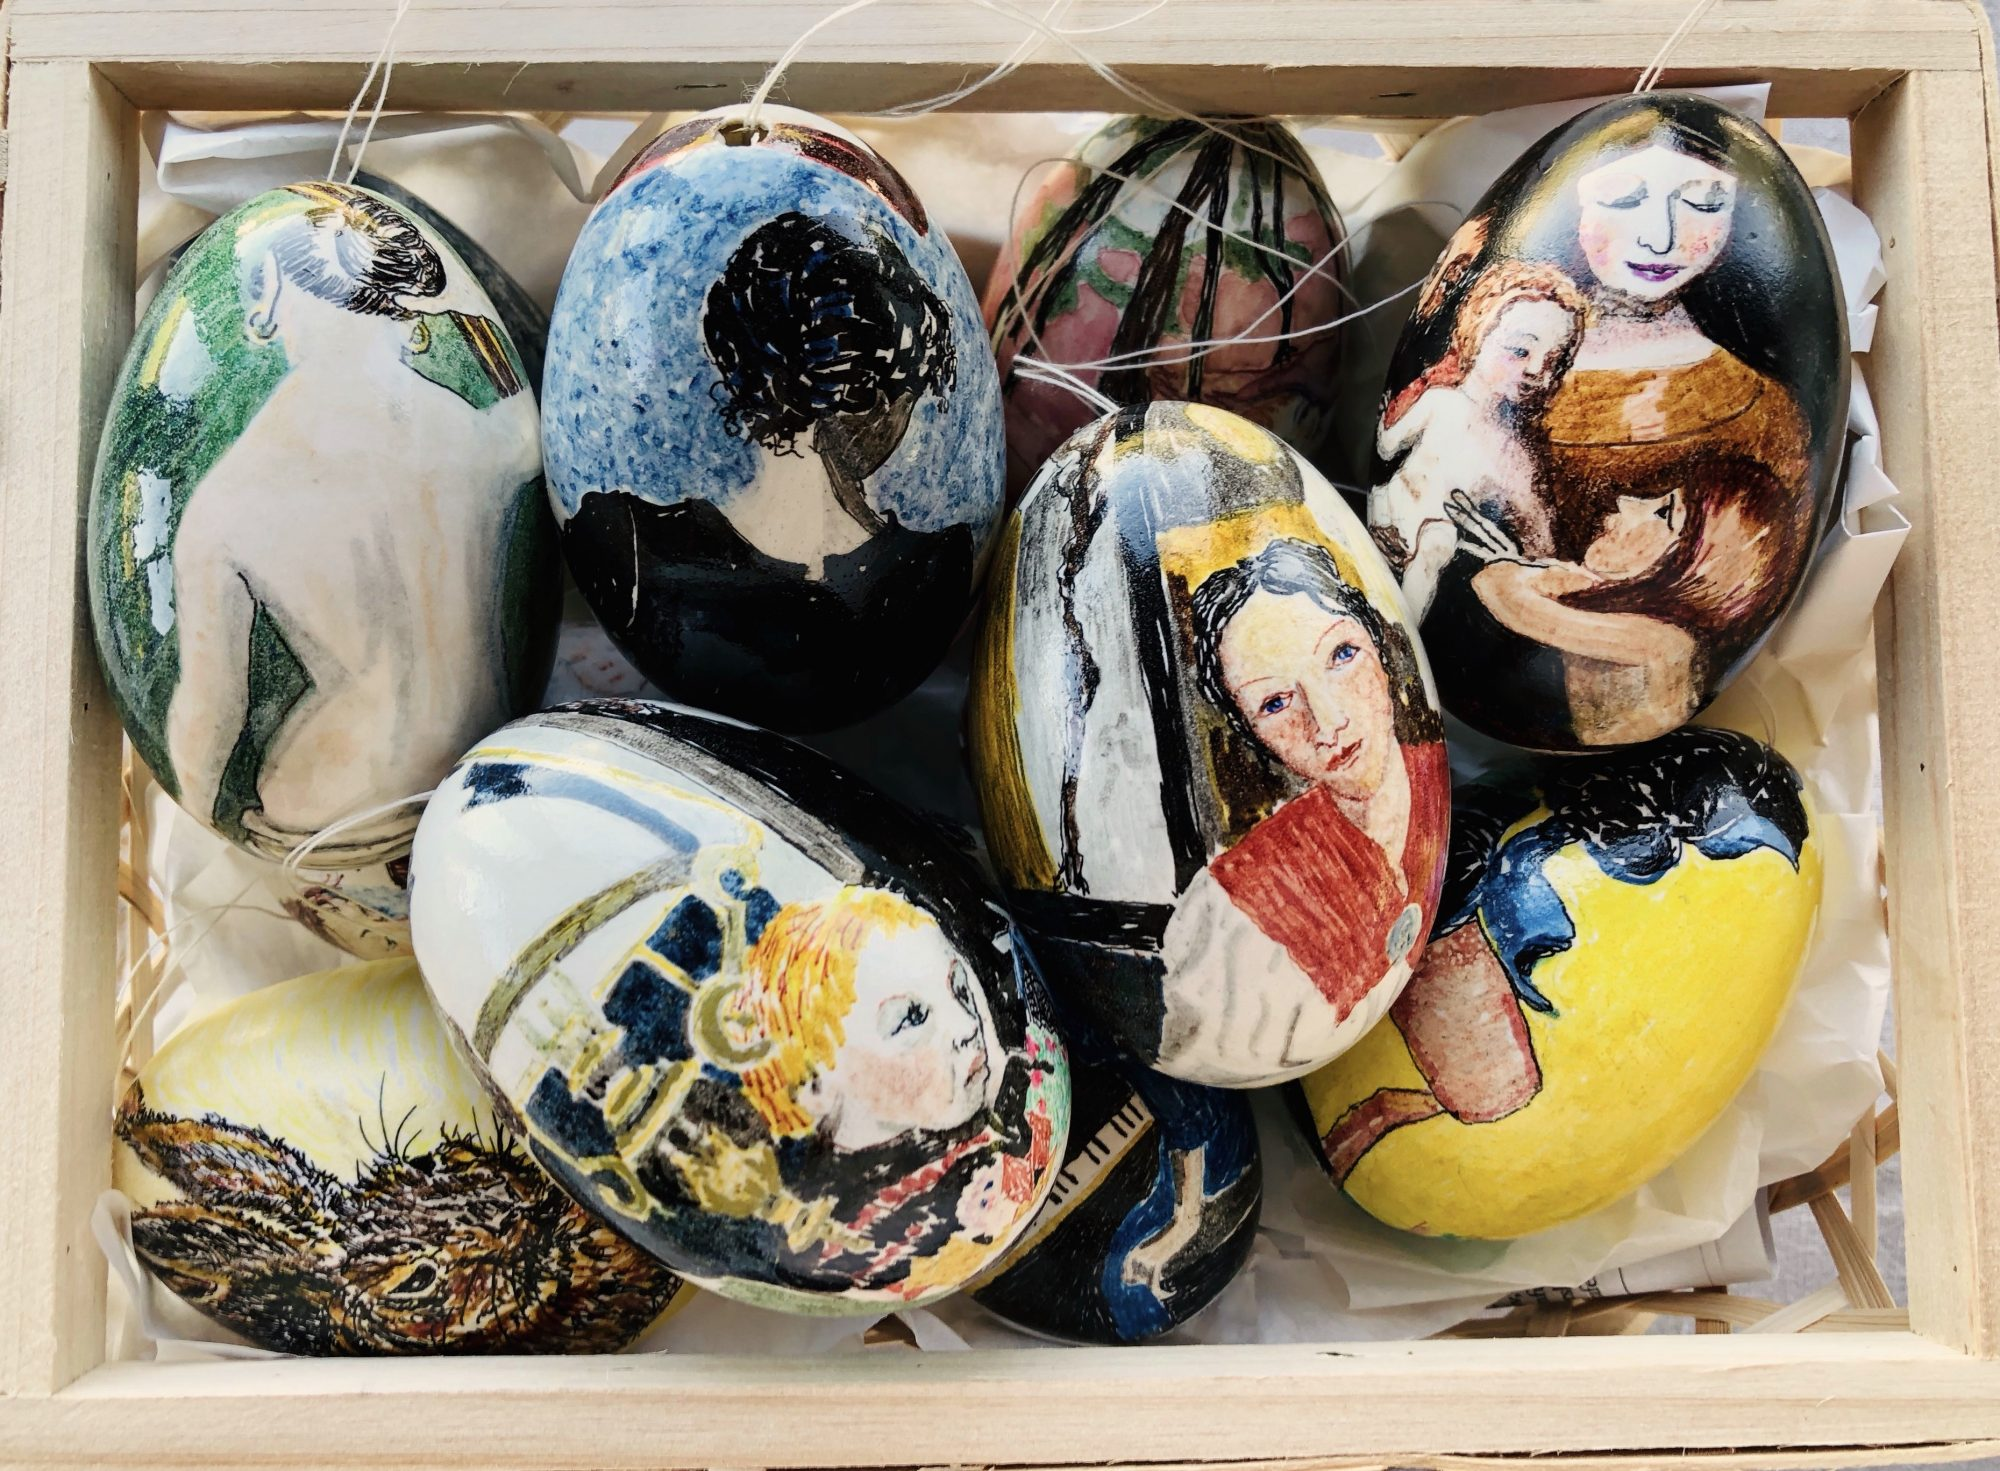 En kurv fyldt med bemalede gåseæg med motiver inspireret af kendte værker fra Guldalder og Impressionisme